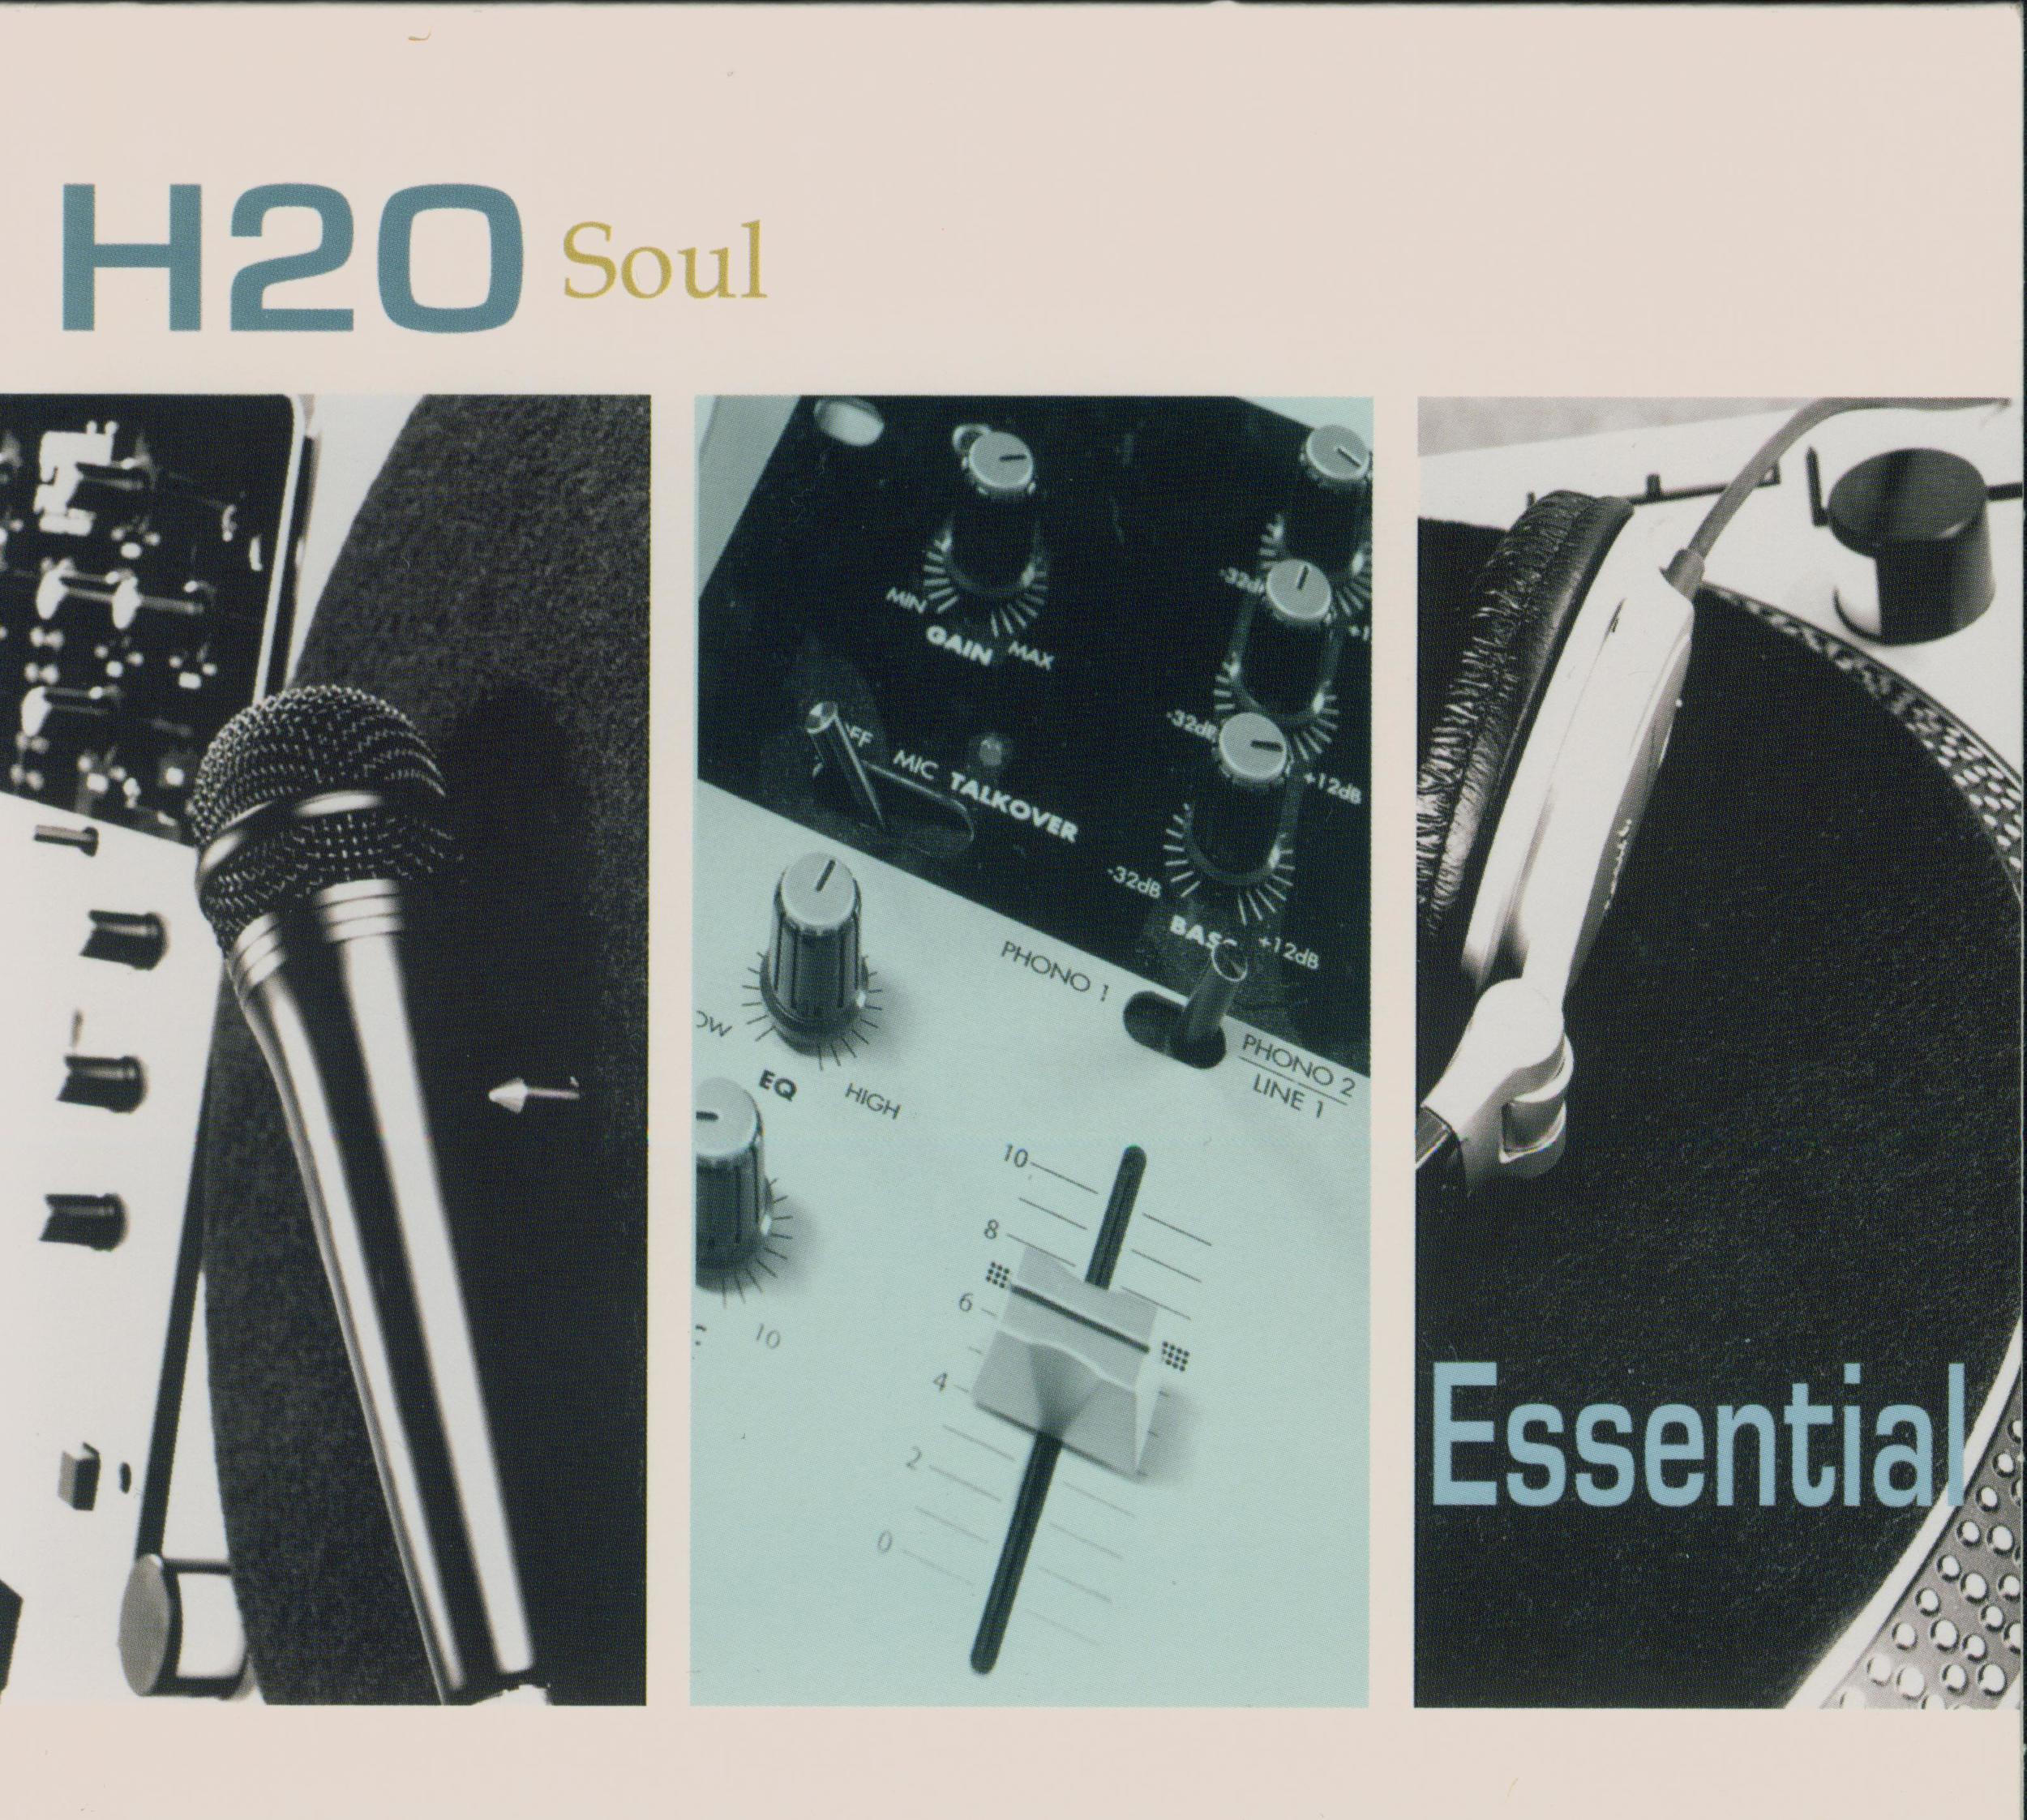 H2O Sou Essential Album Artwork